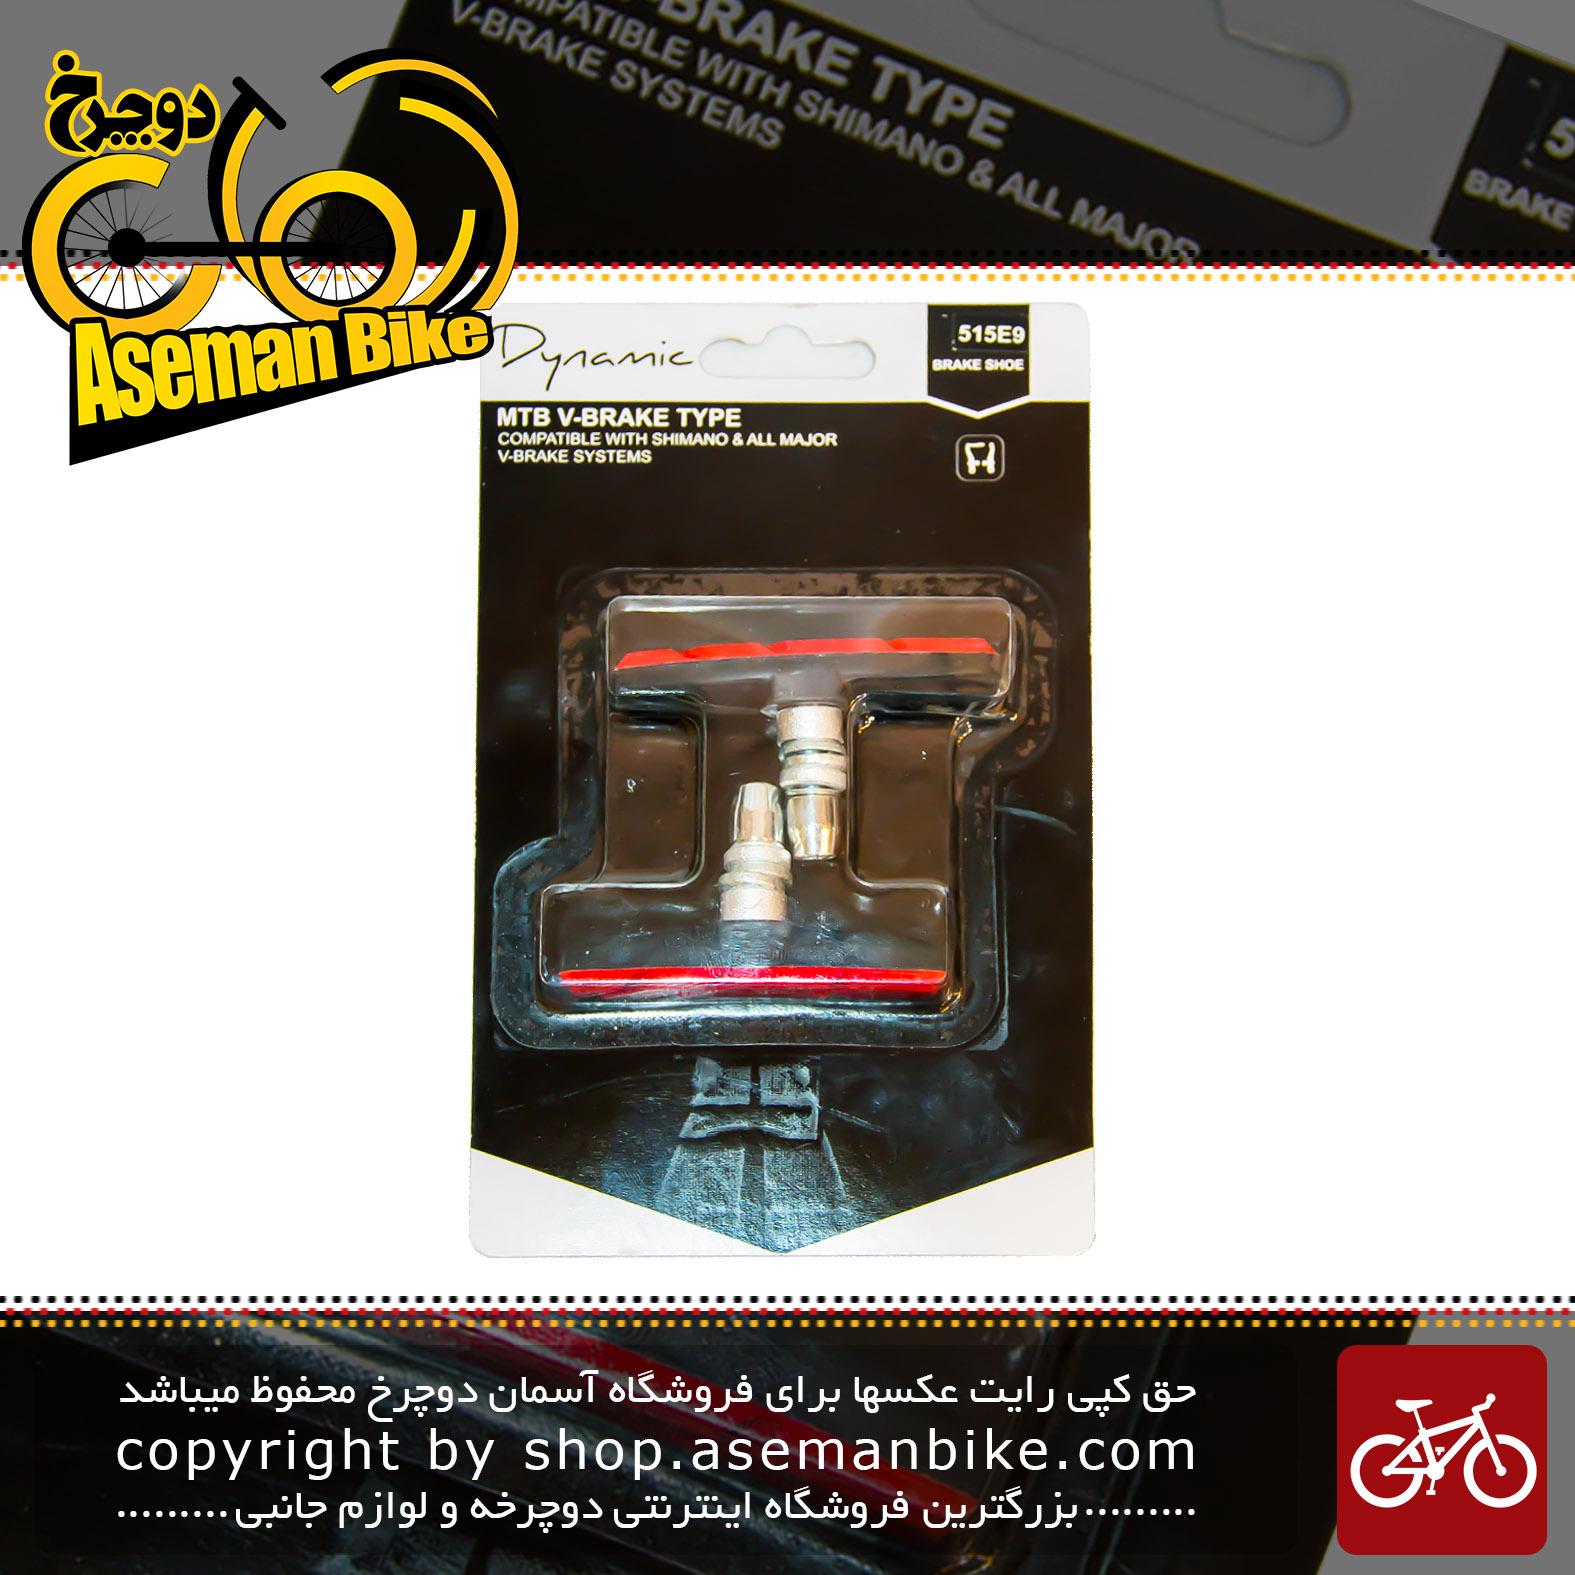 لنت ترمز دوچرخه داینامیک مدل 515 ای 9 Dynamic MTB V-Brake Brake Shoe 515E9